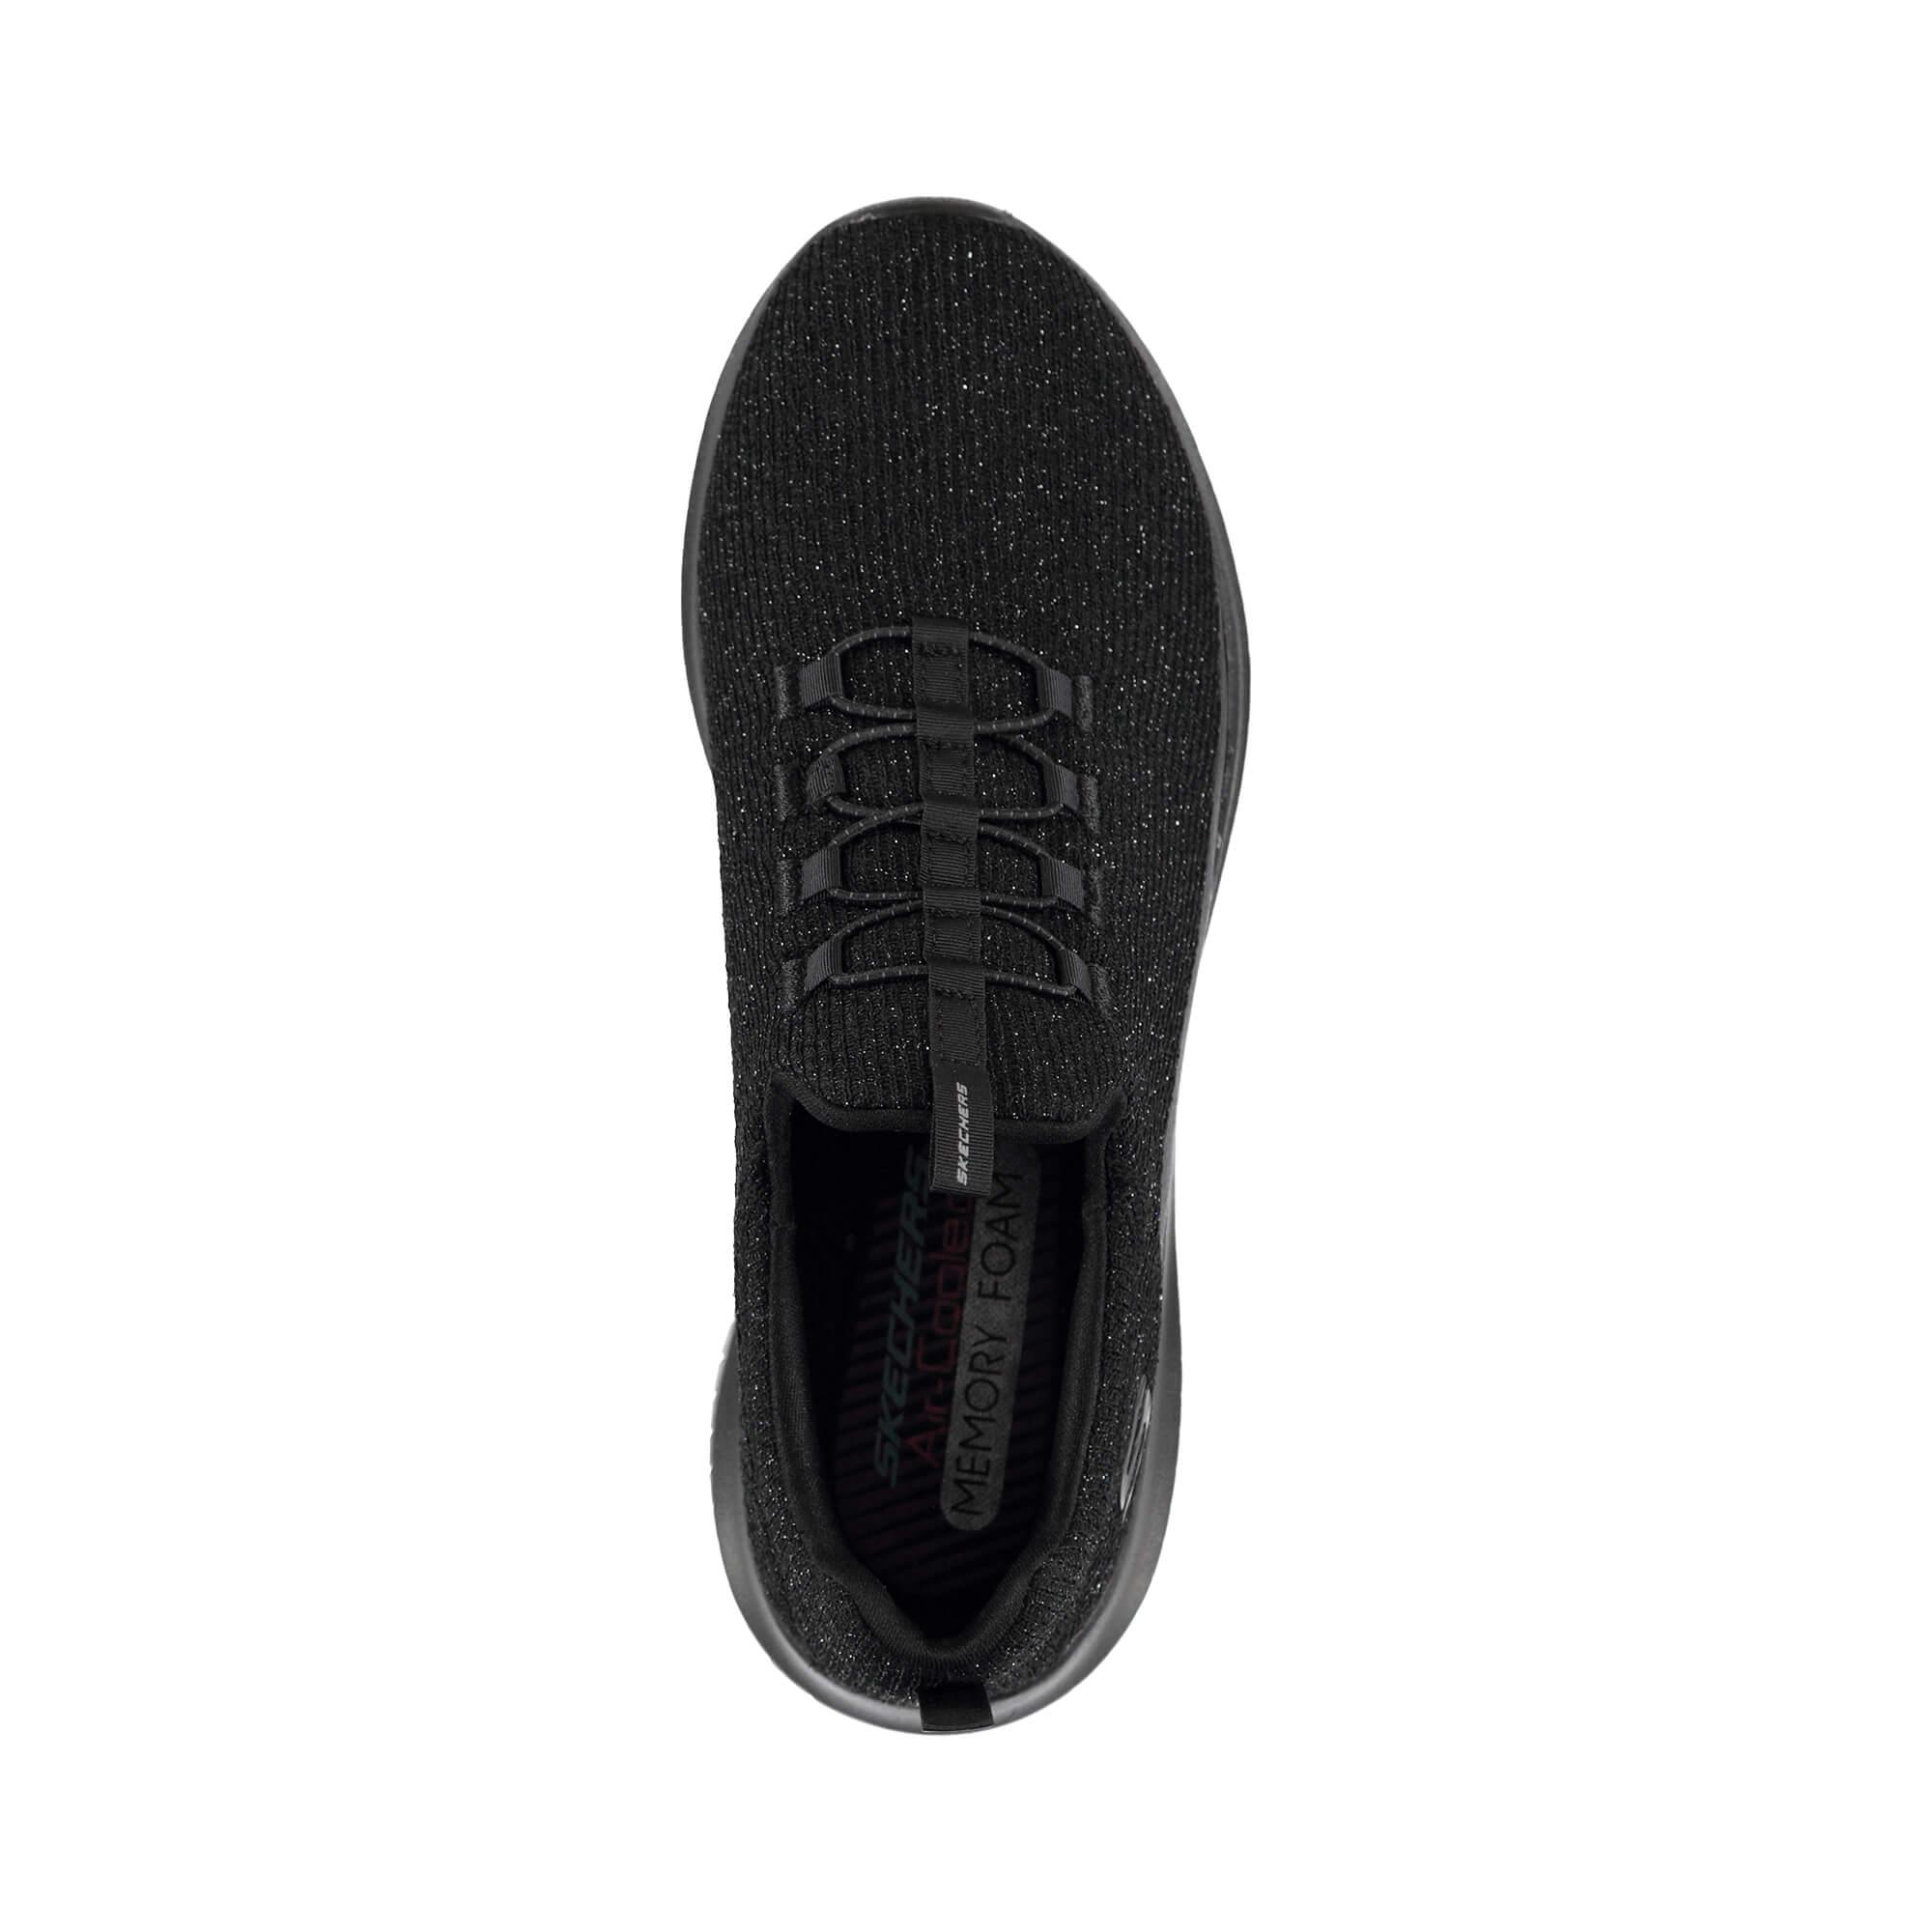 Skechers Ultra Flex Kadın Siyah Spor Ayakkabı